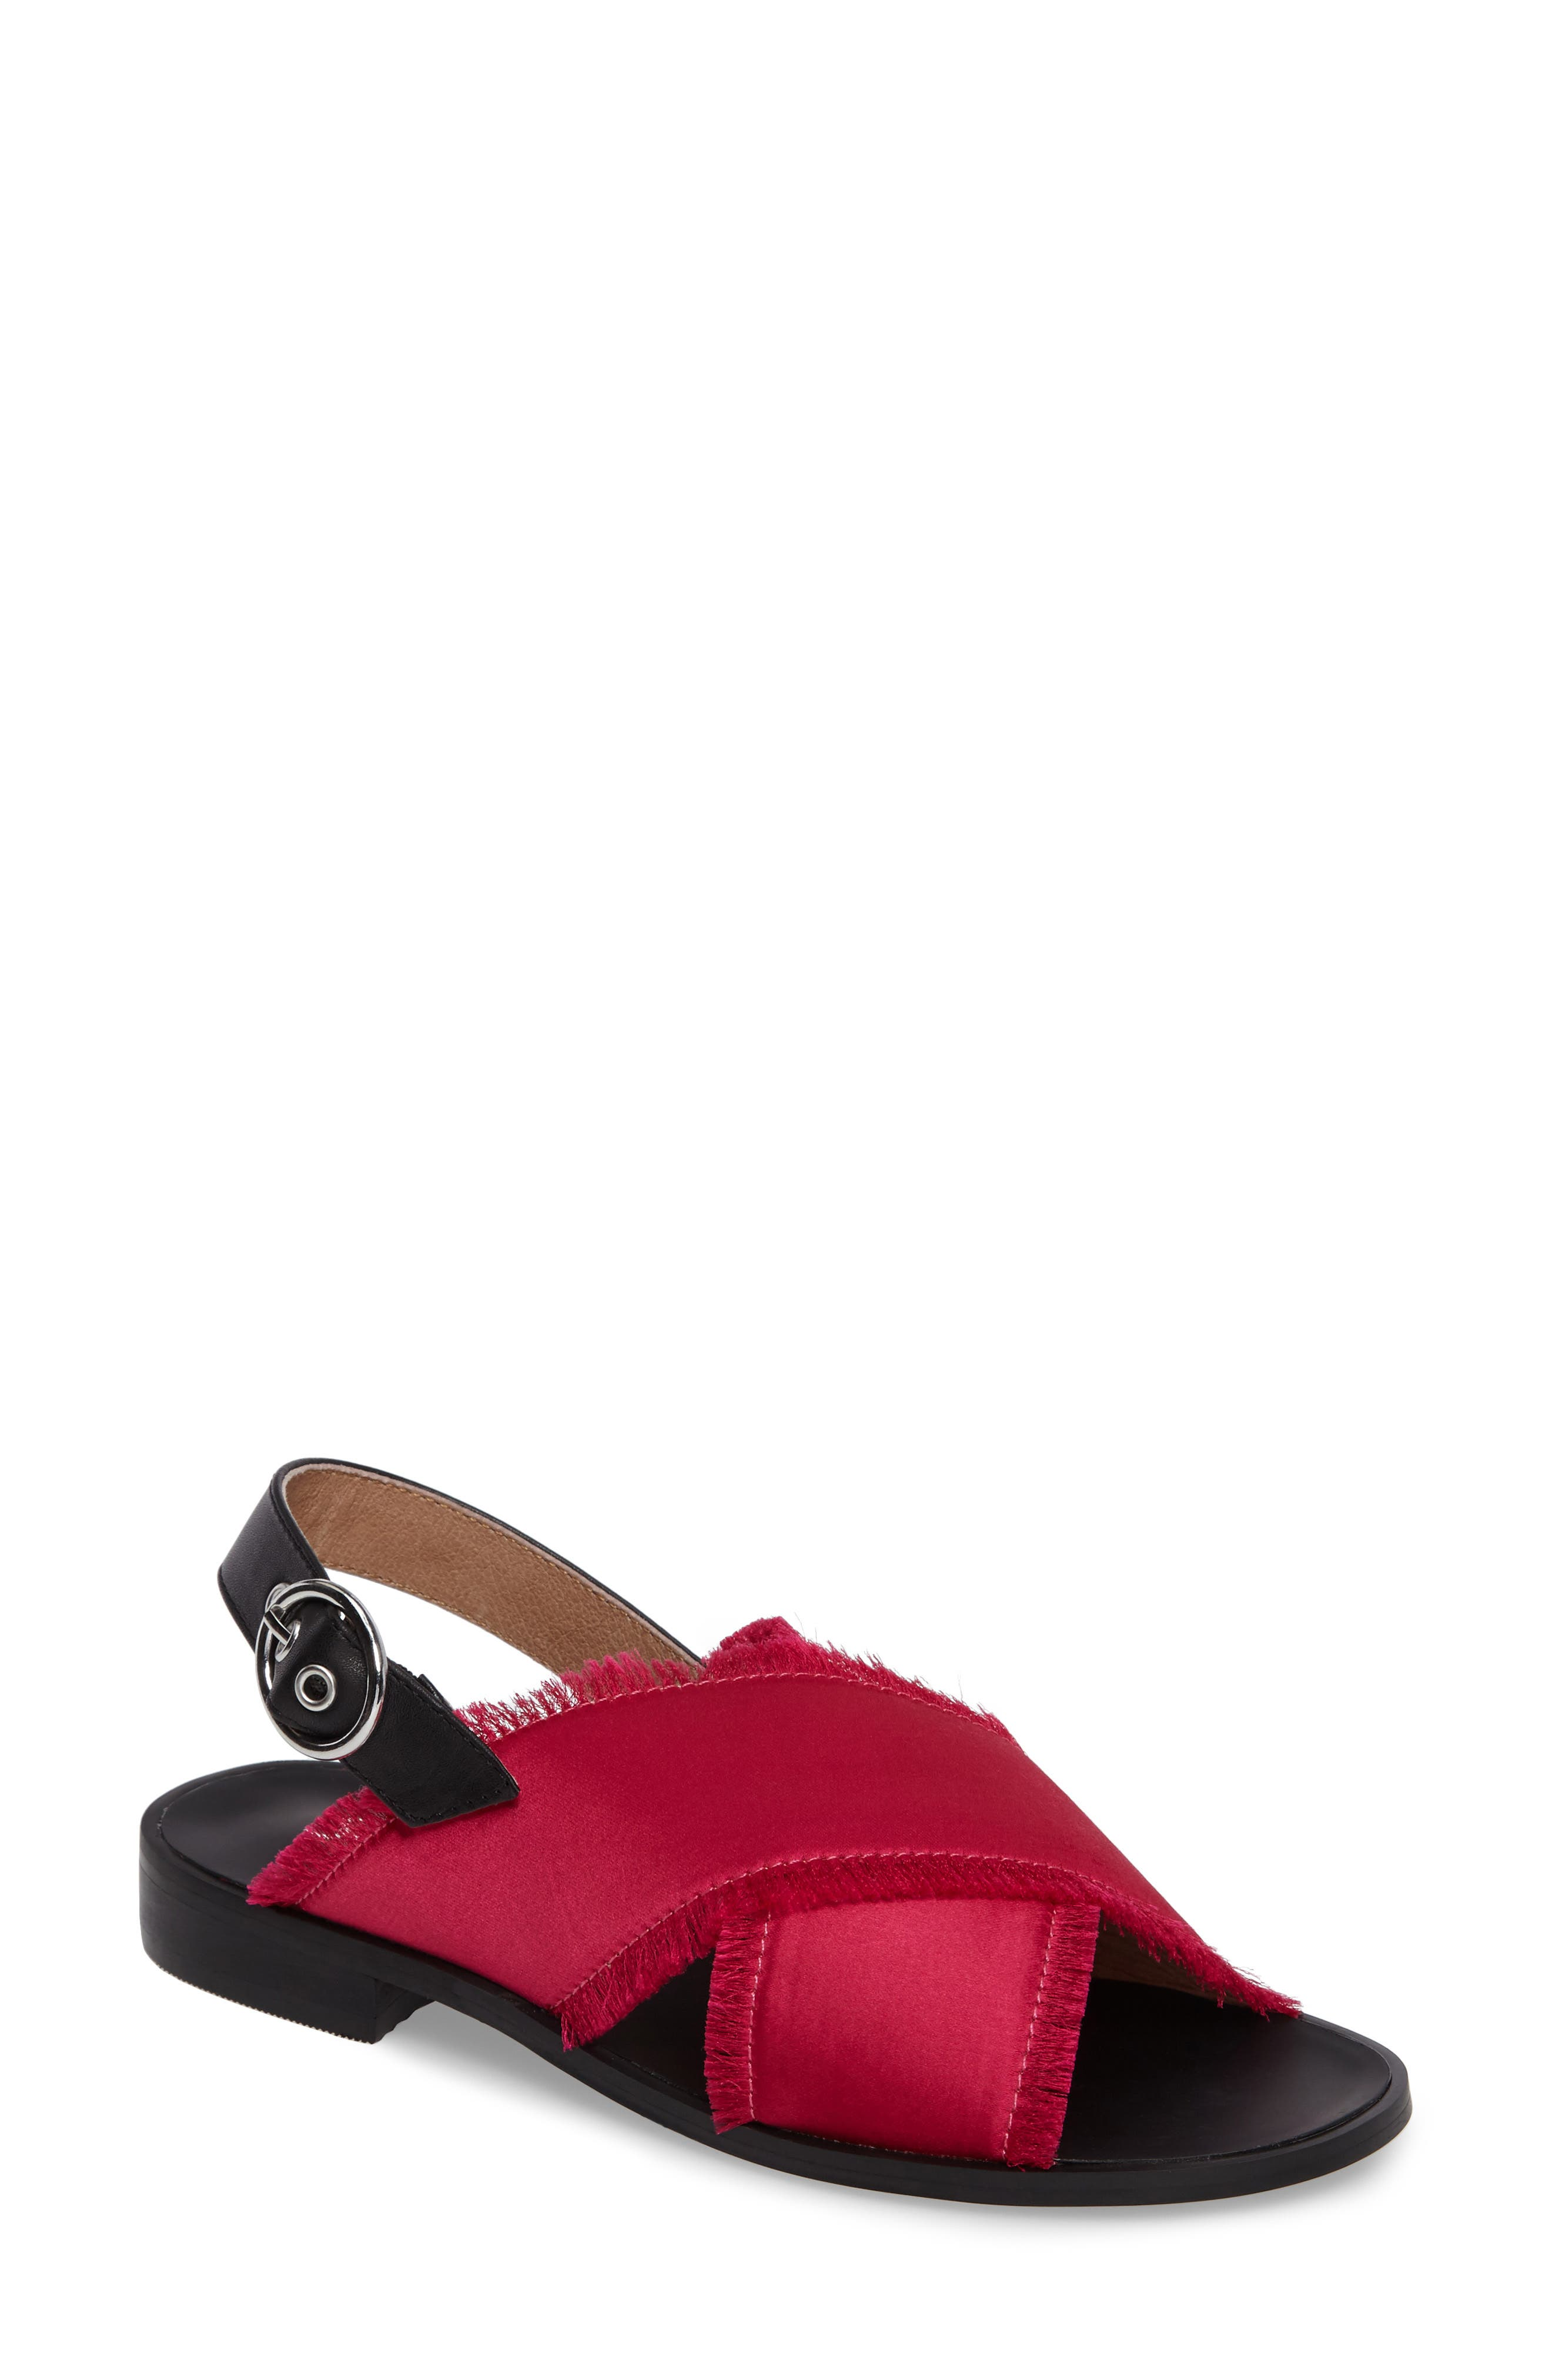 Alternate Image 1 Selected - Shellys London Endy Fringed Cross Strap Sandal (Women)